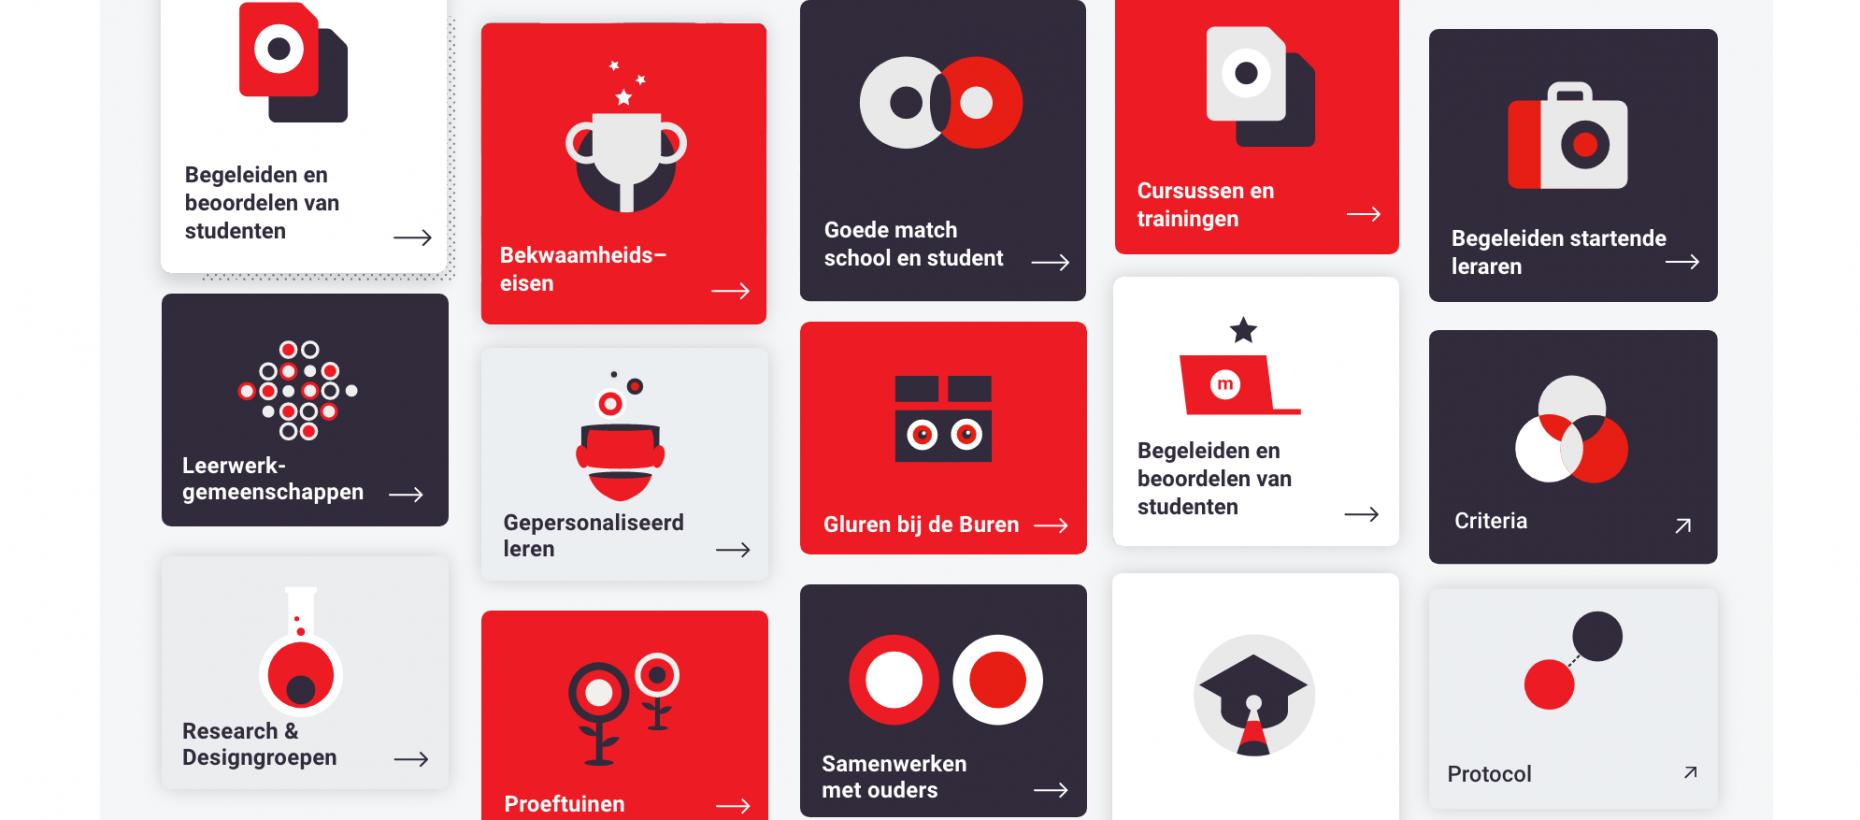 Illustratie en huisstijl design Marnix Utrecht